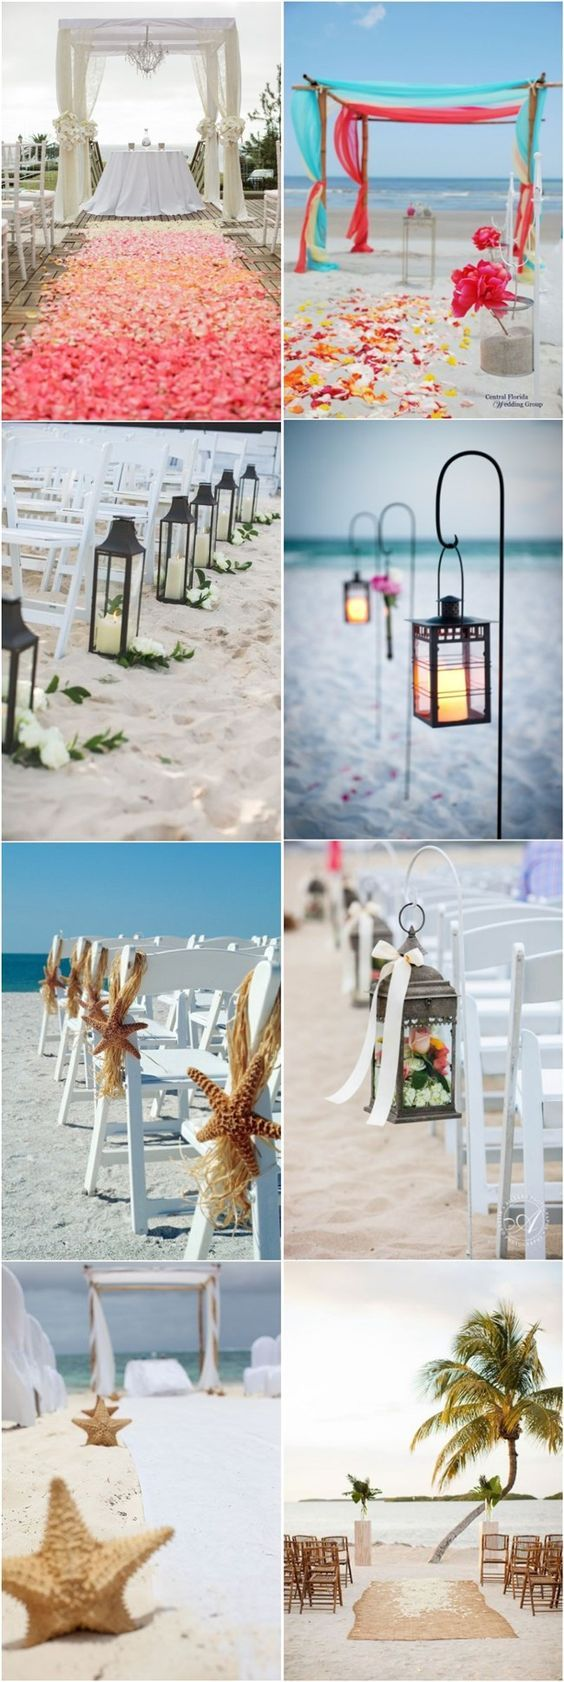 small beach wedding ceremony ideas%0A    Beach Wedding Aisle Decoration Ideas